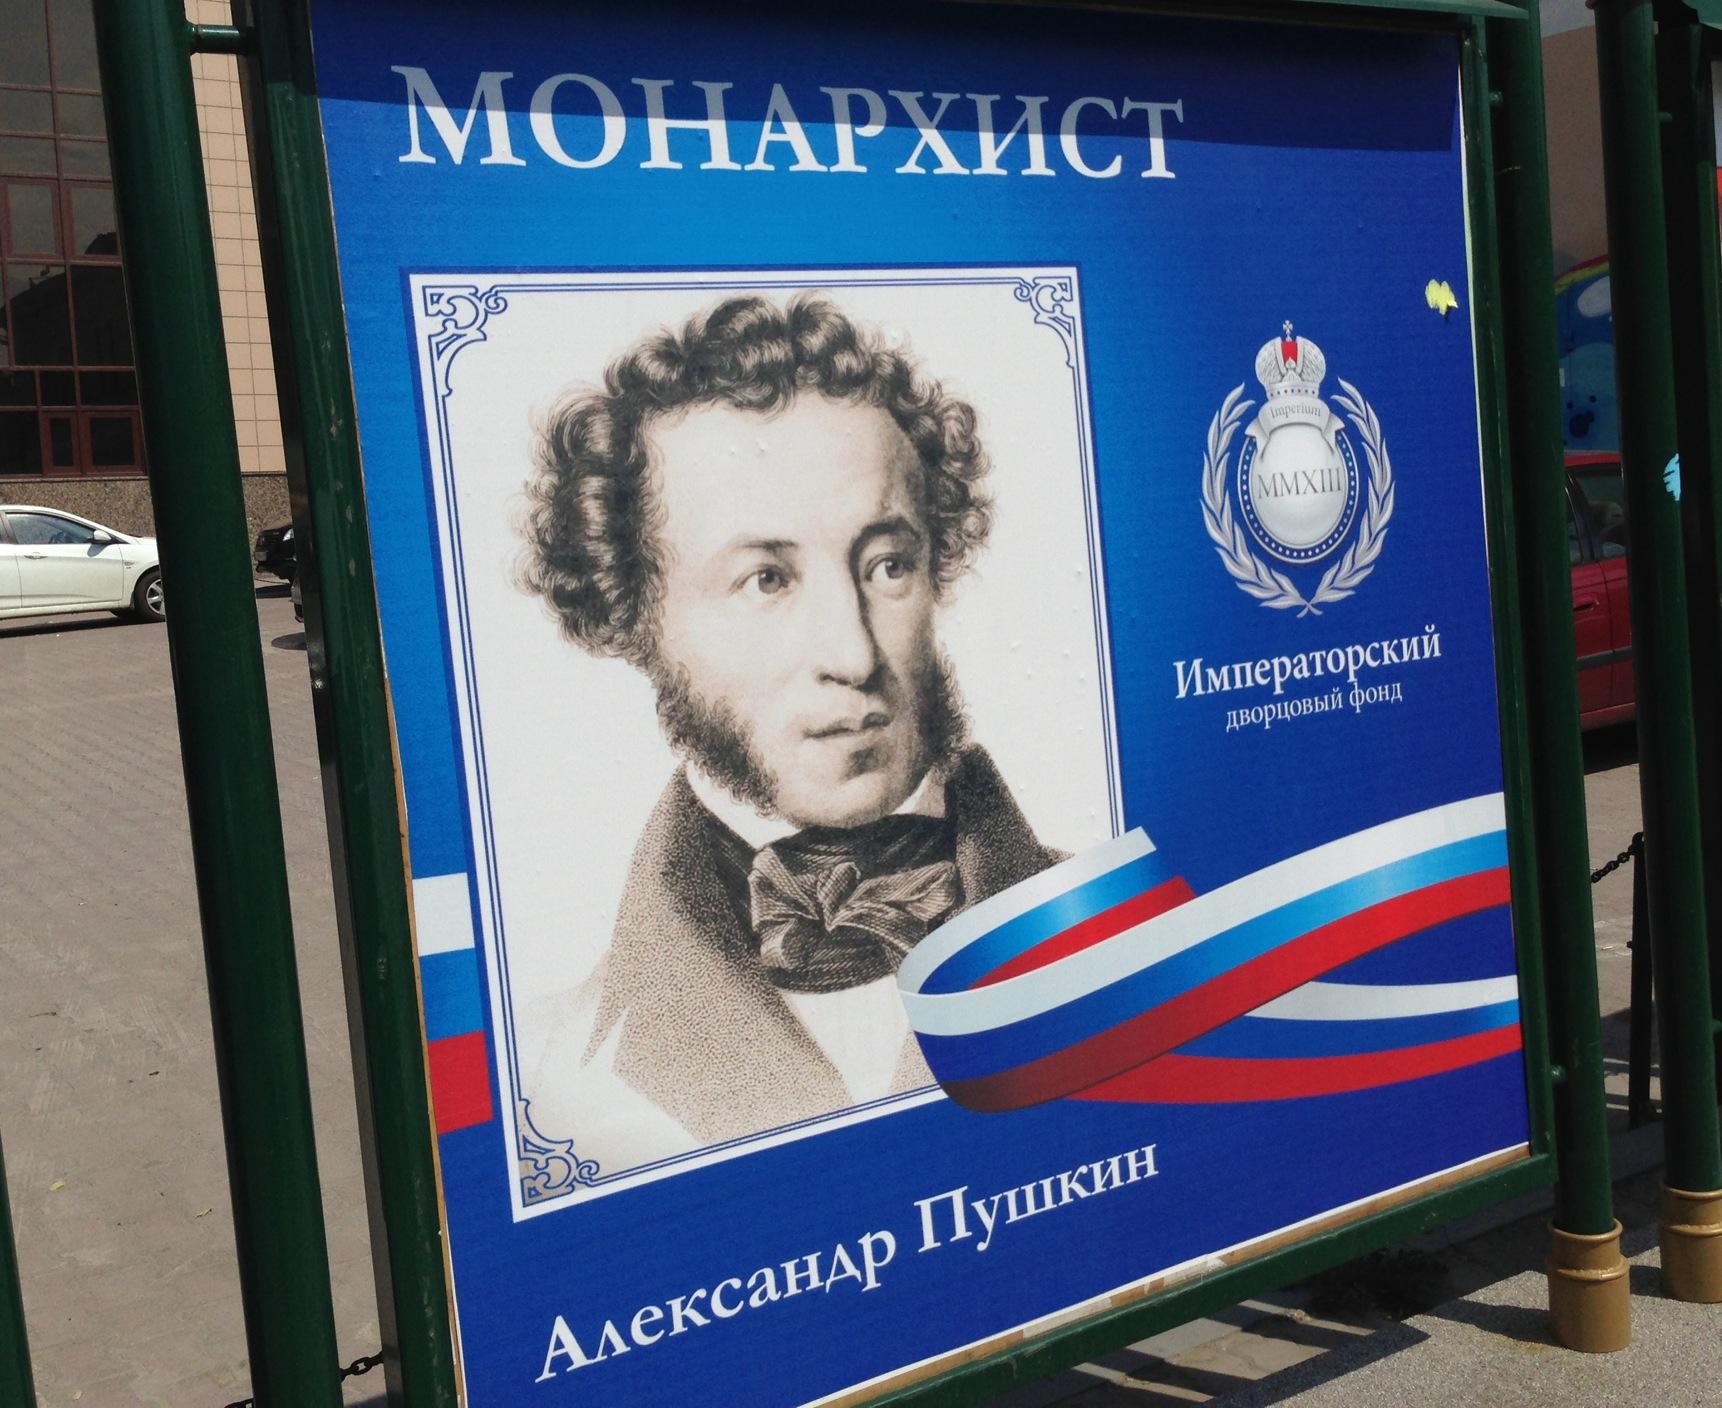 Баков троллит коммунистов: зато Пушкин был монархистом